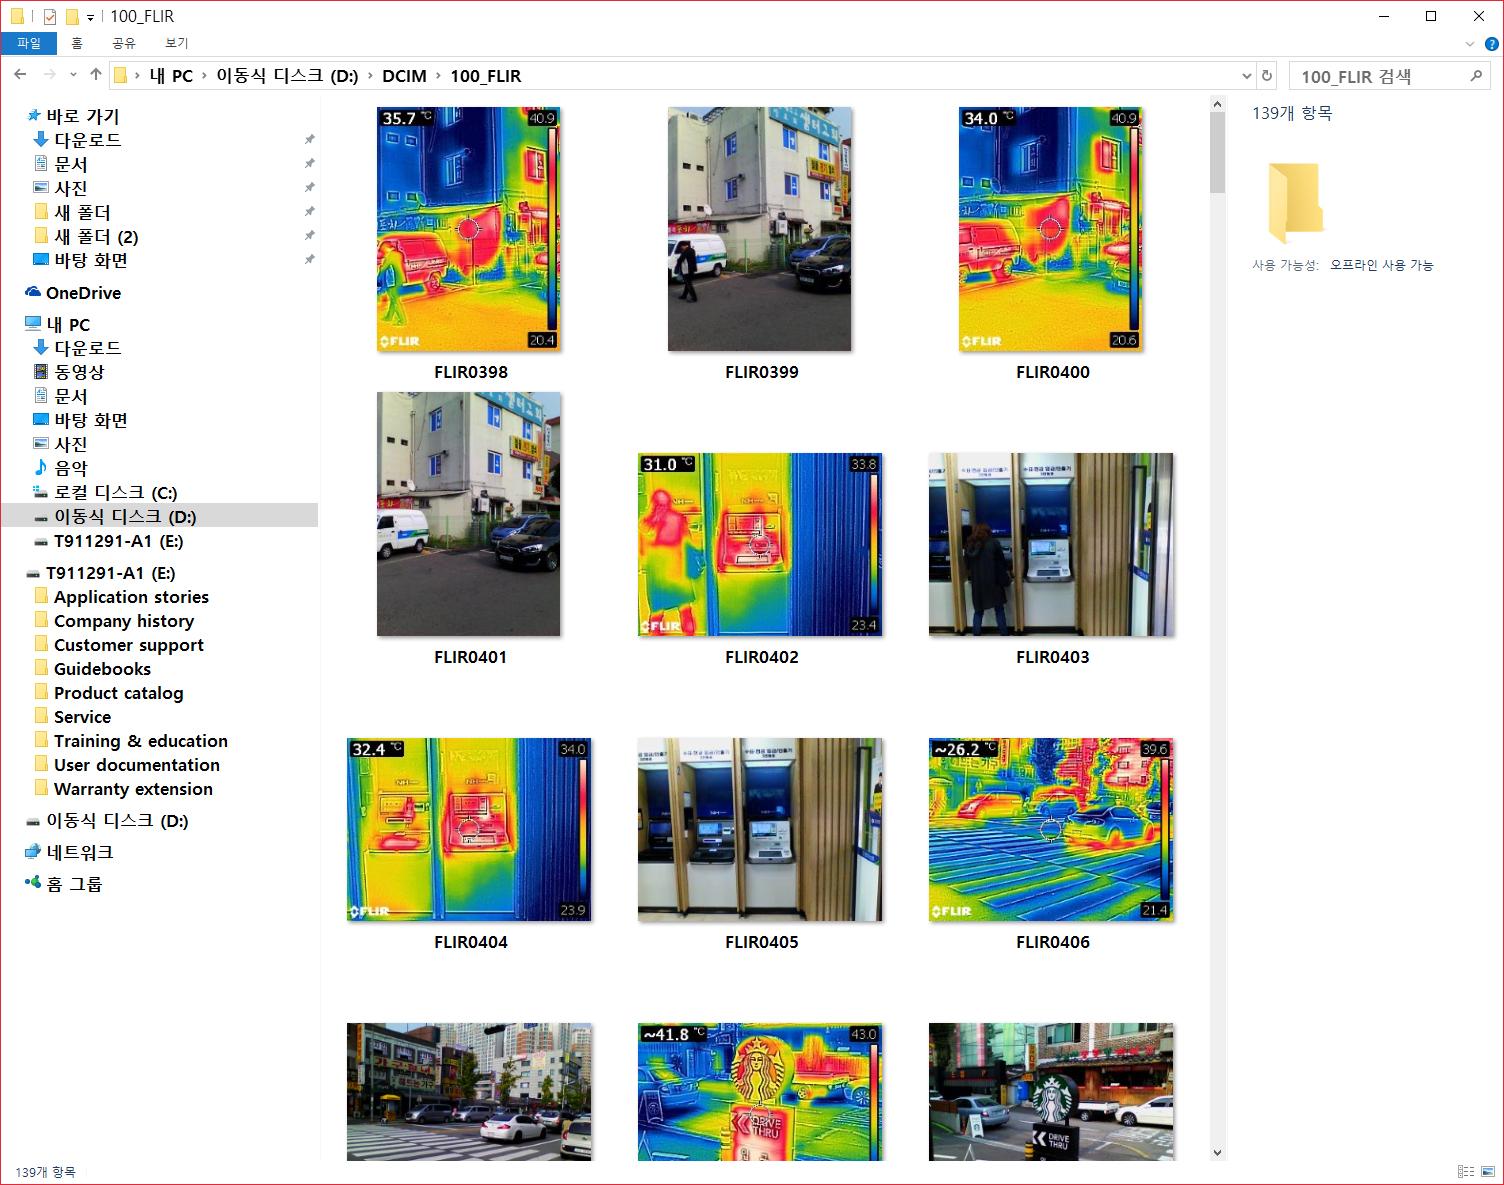 작은 컴팩트휴대용 열화상카메라 누수감지 플리어 FLIR C2 사용기 -101-1.jpg